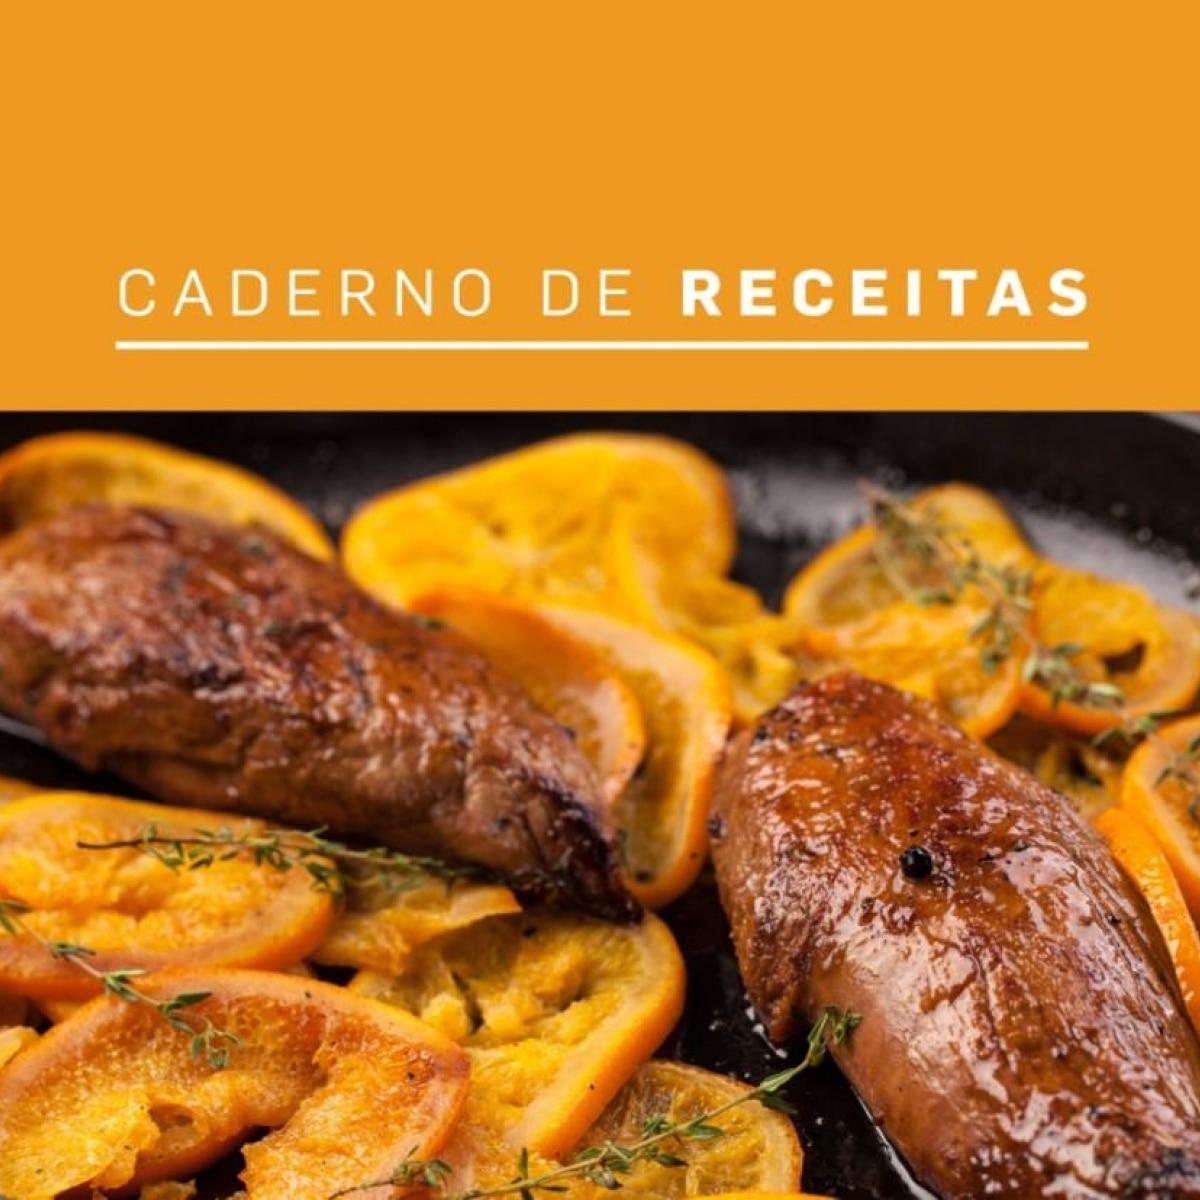 5f6f1878a 15 receitas para quem é apaixonado por carne de porco - Paladar - Estadão